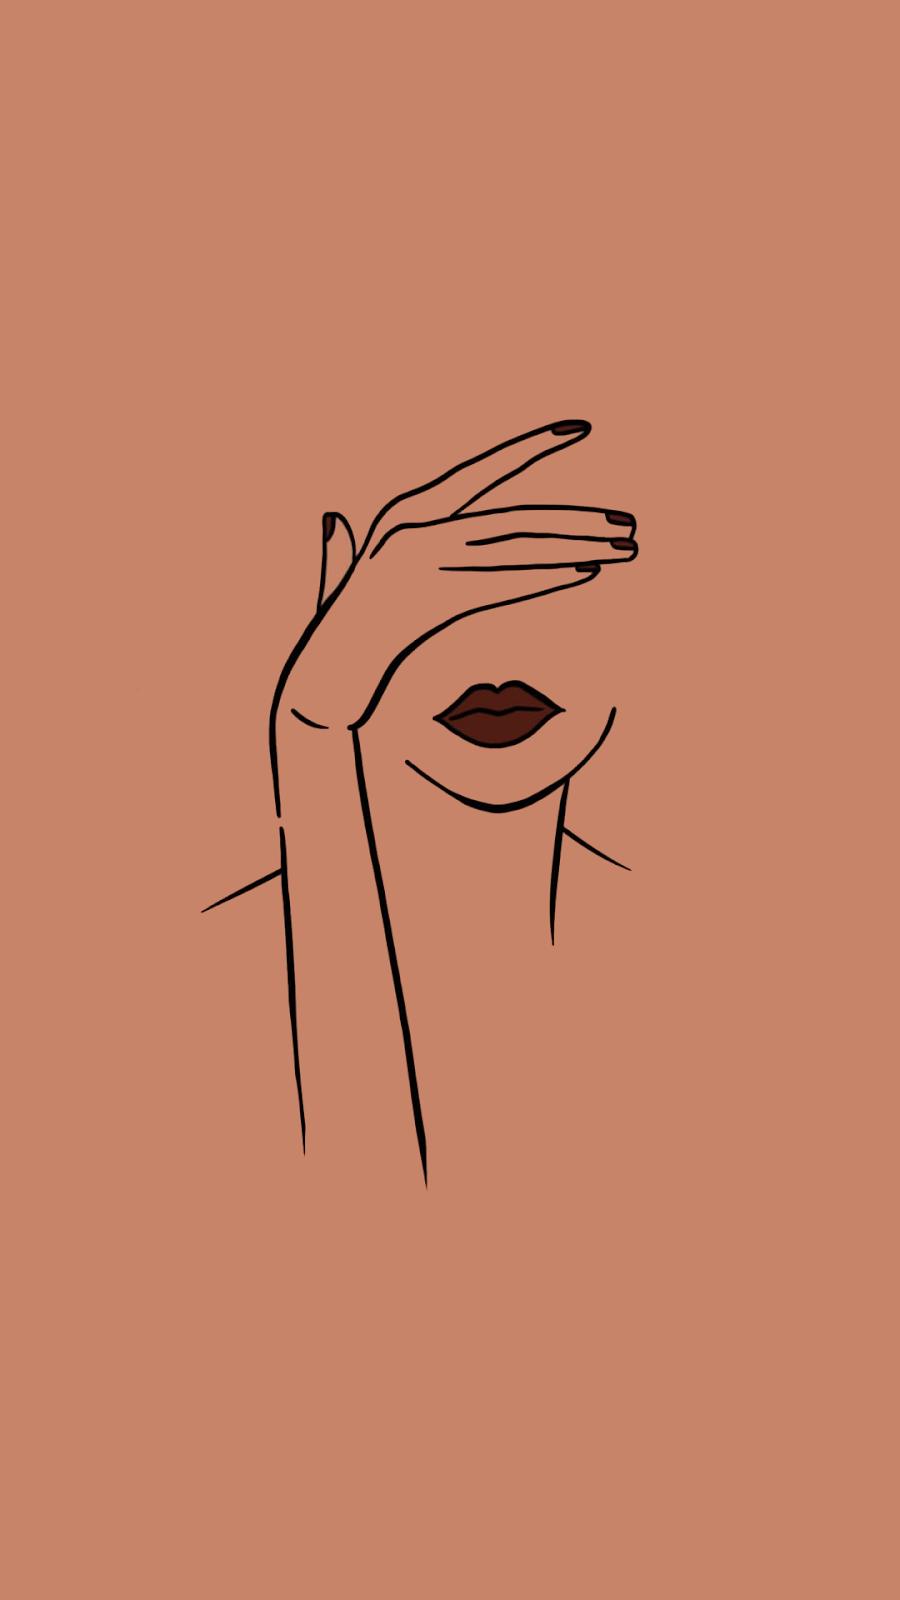 Арт Иллюстрация. Феминистское искусство. Визуал дл